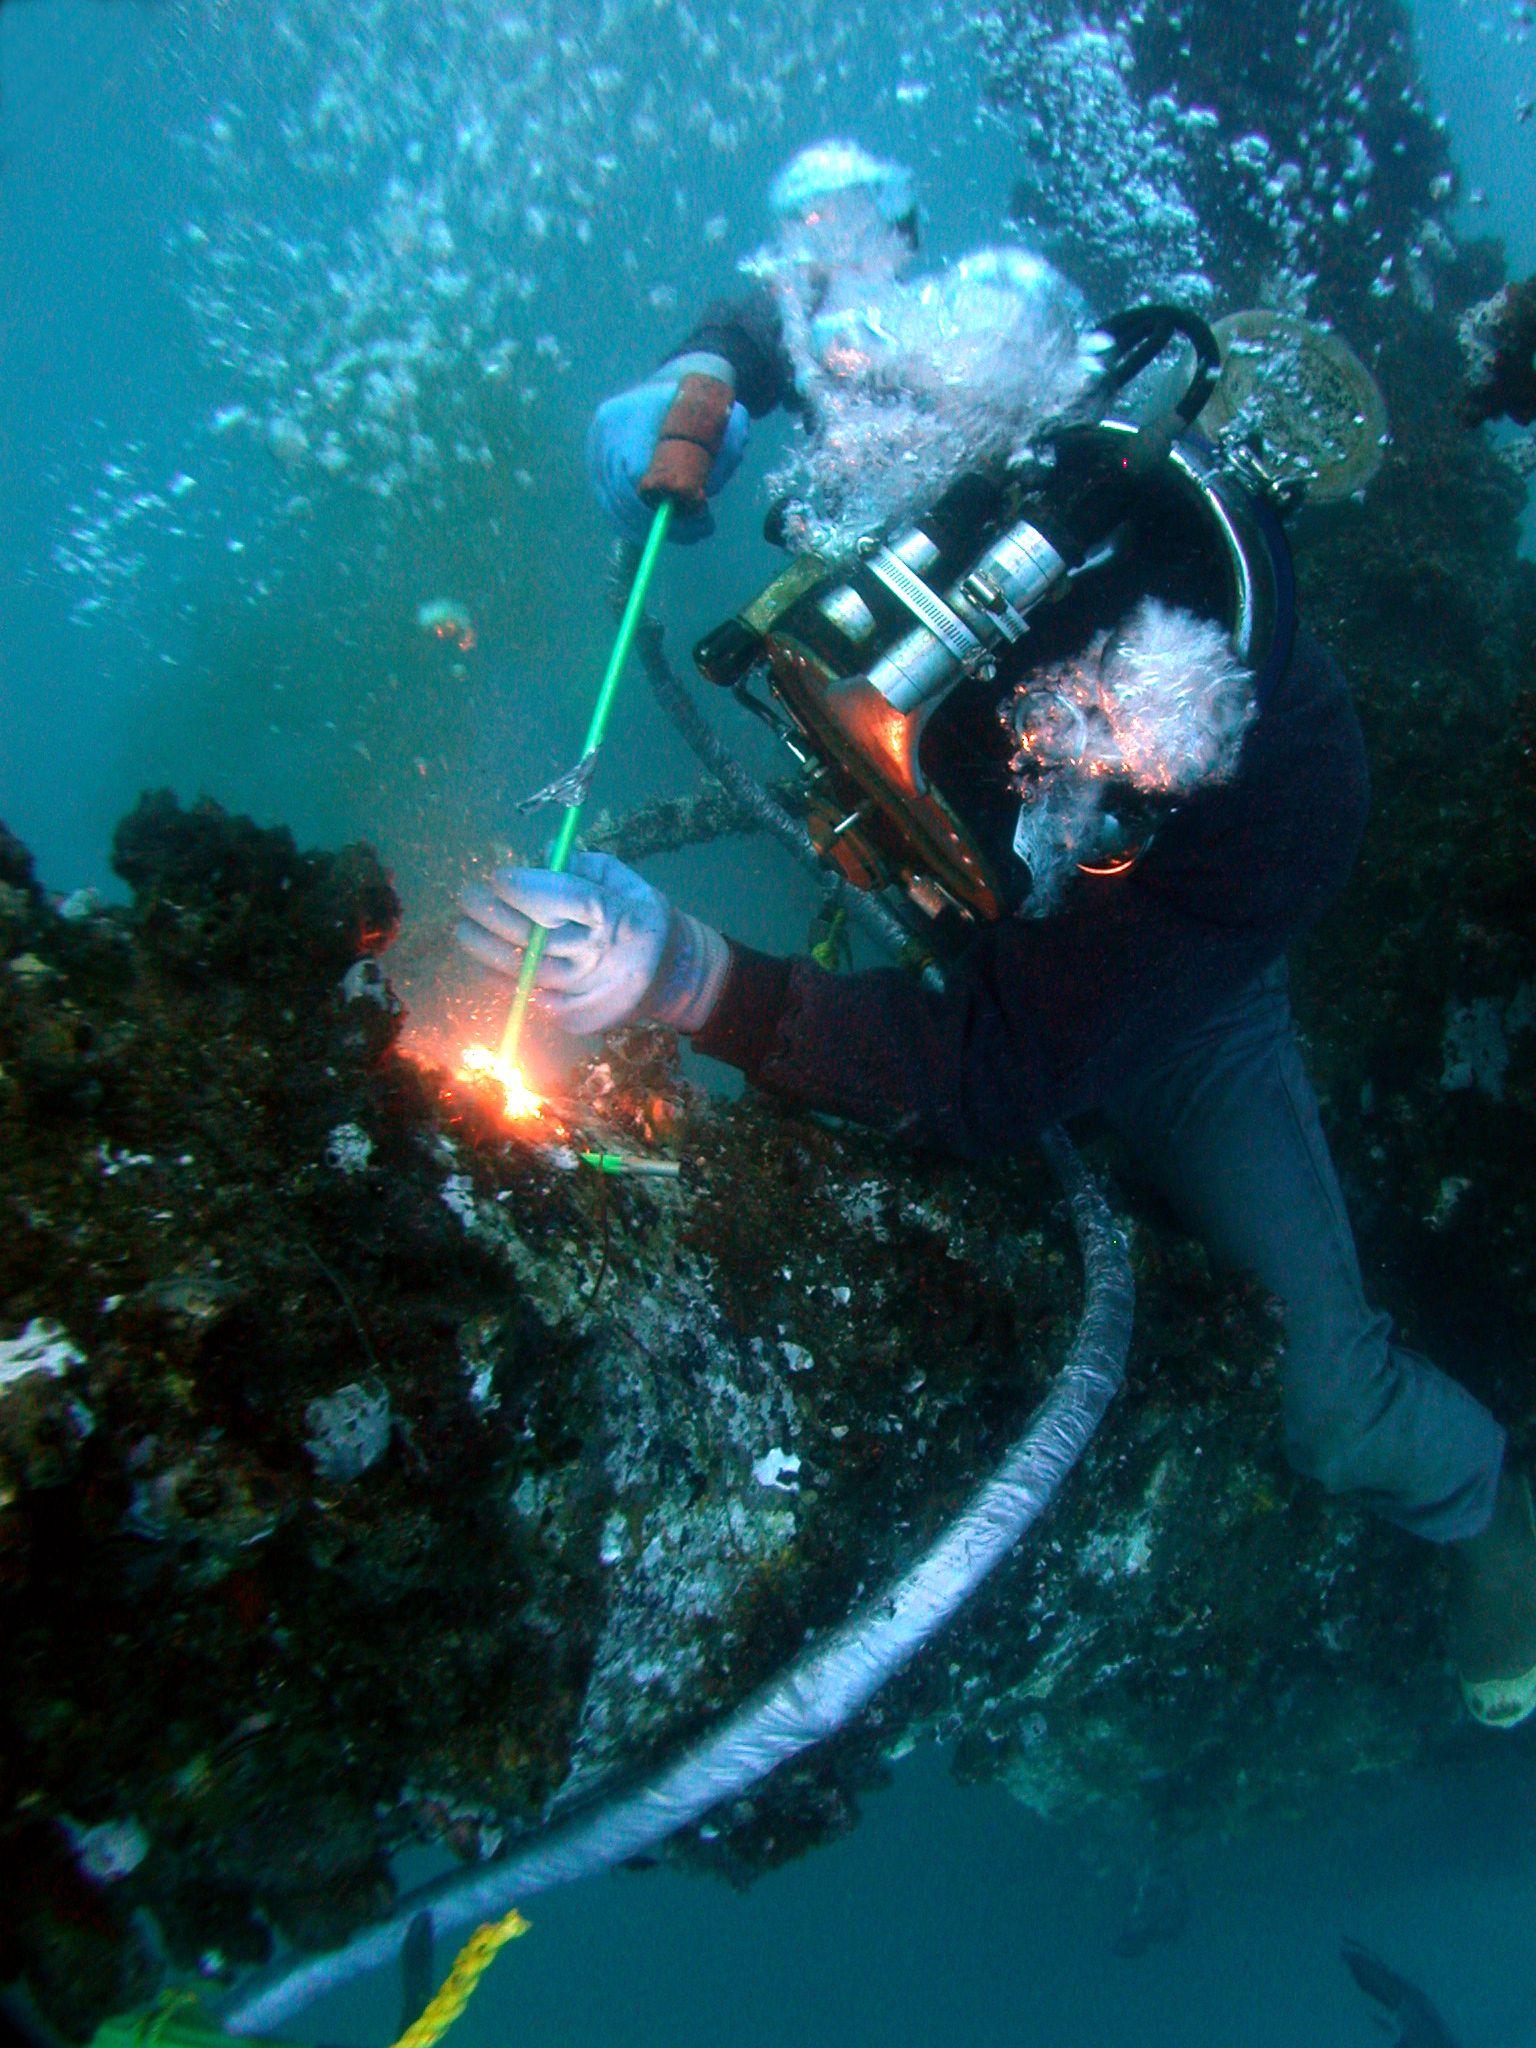 Uw Burning1 Jpg 1 536 2 048 Pixels Underwater Welding Underwater Welder Underwater Photography